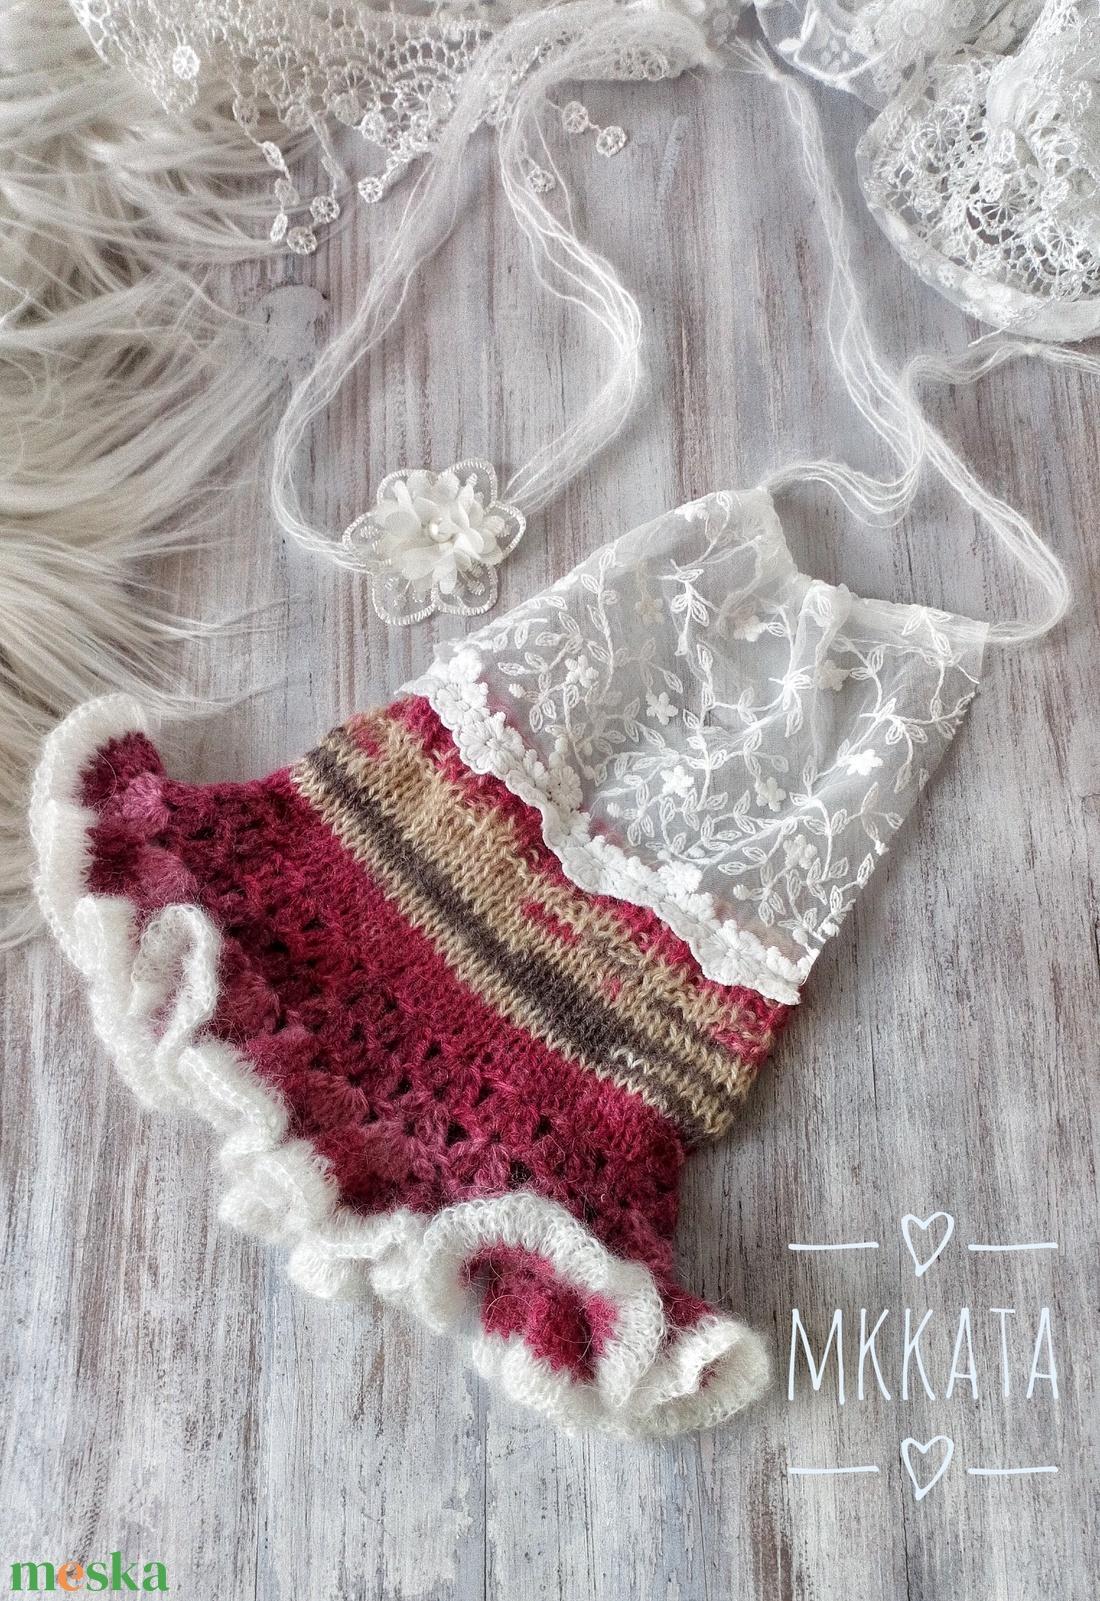 Kötött újszülött szett 0-2 hónapos méret  - ruha & divat - babaruha & gyerekruha - babafotózási ruha és kellék - Meska.hu